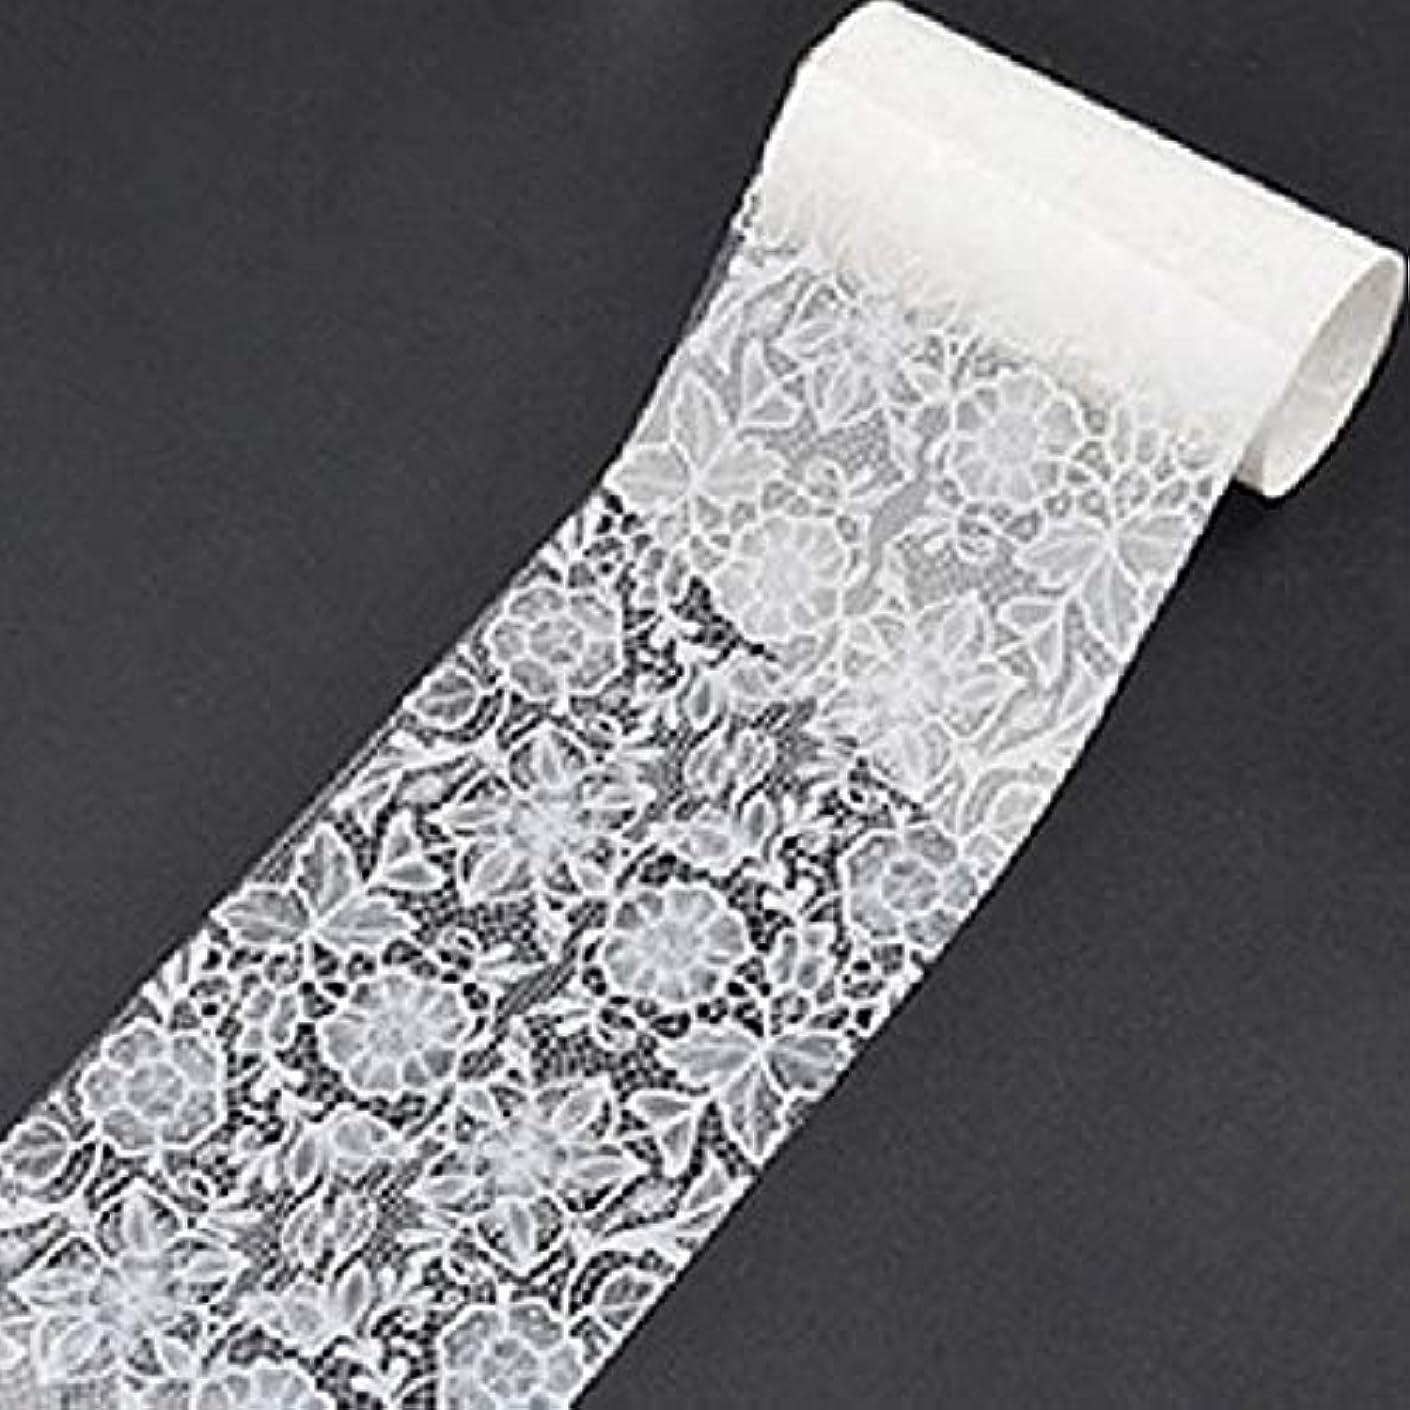 病気周波数栄養Quzama-JS 古典的な白いレースの花の爪箔転送(None 8)